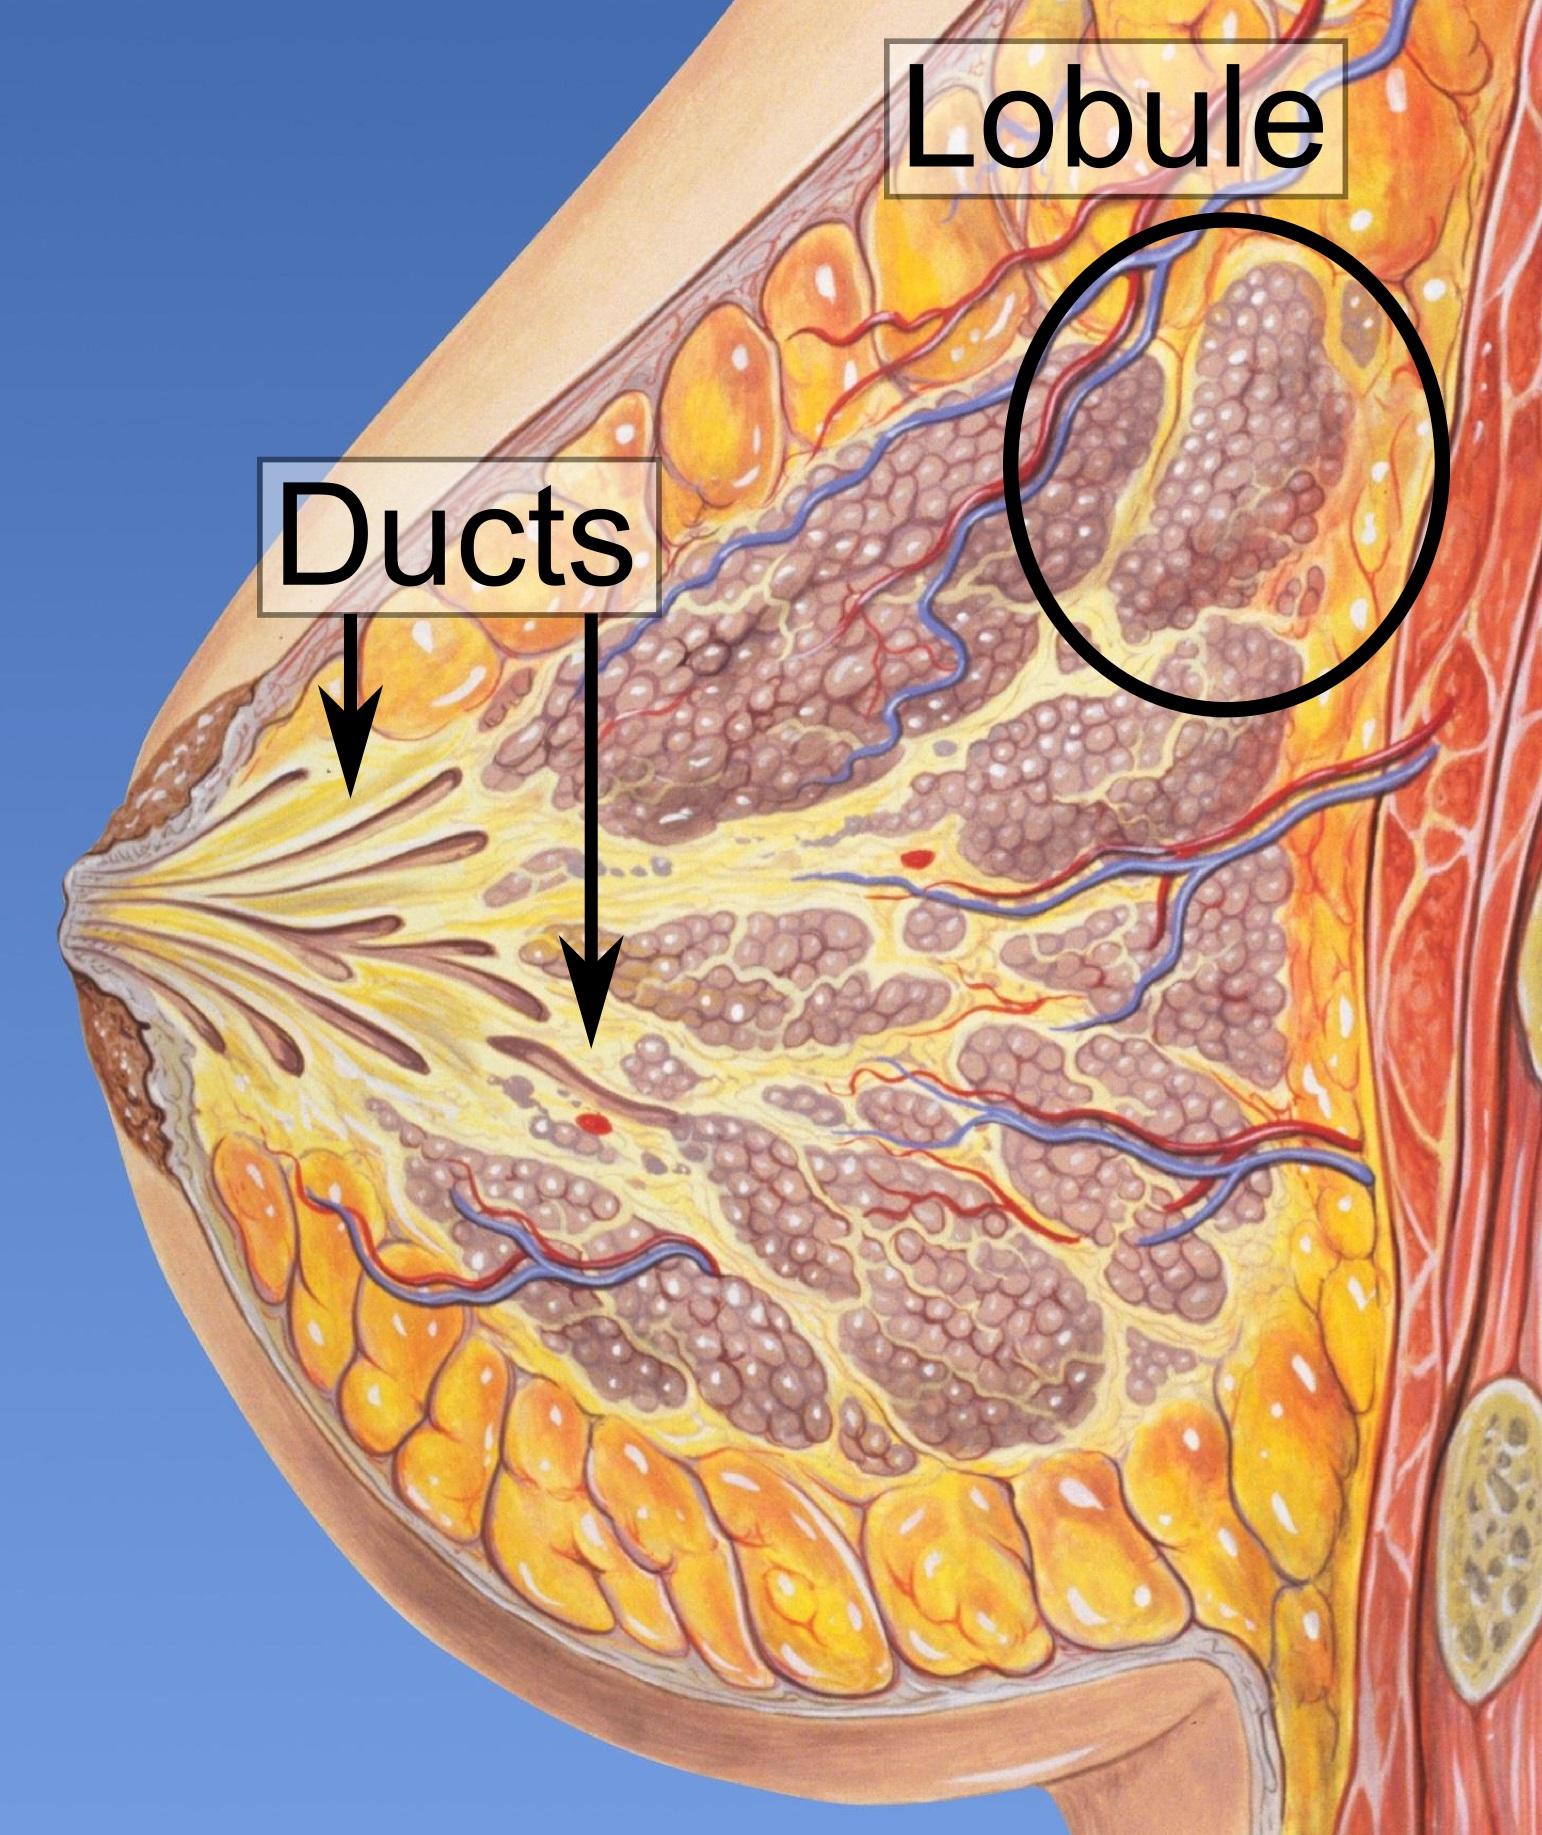 Ductal carcinoma in situ - Wikipedia